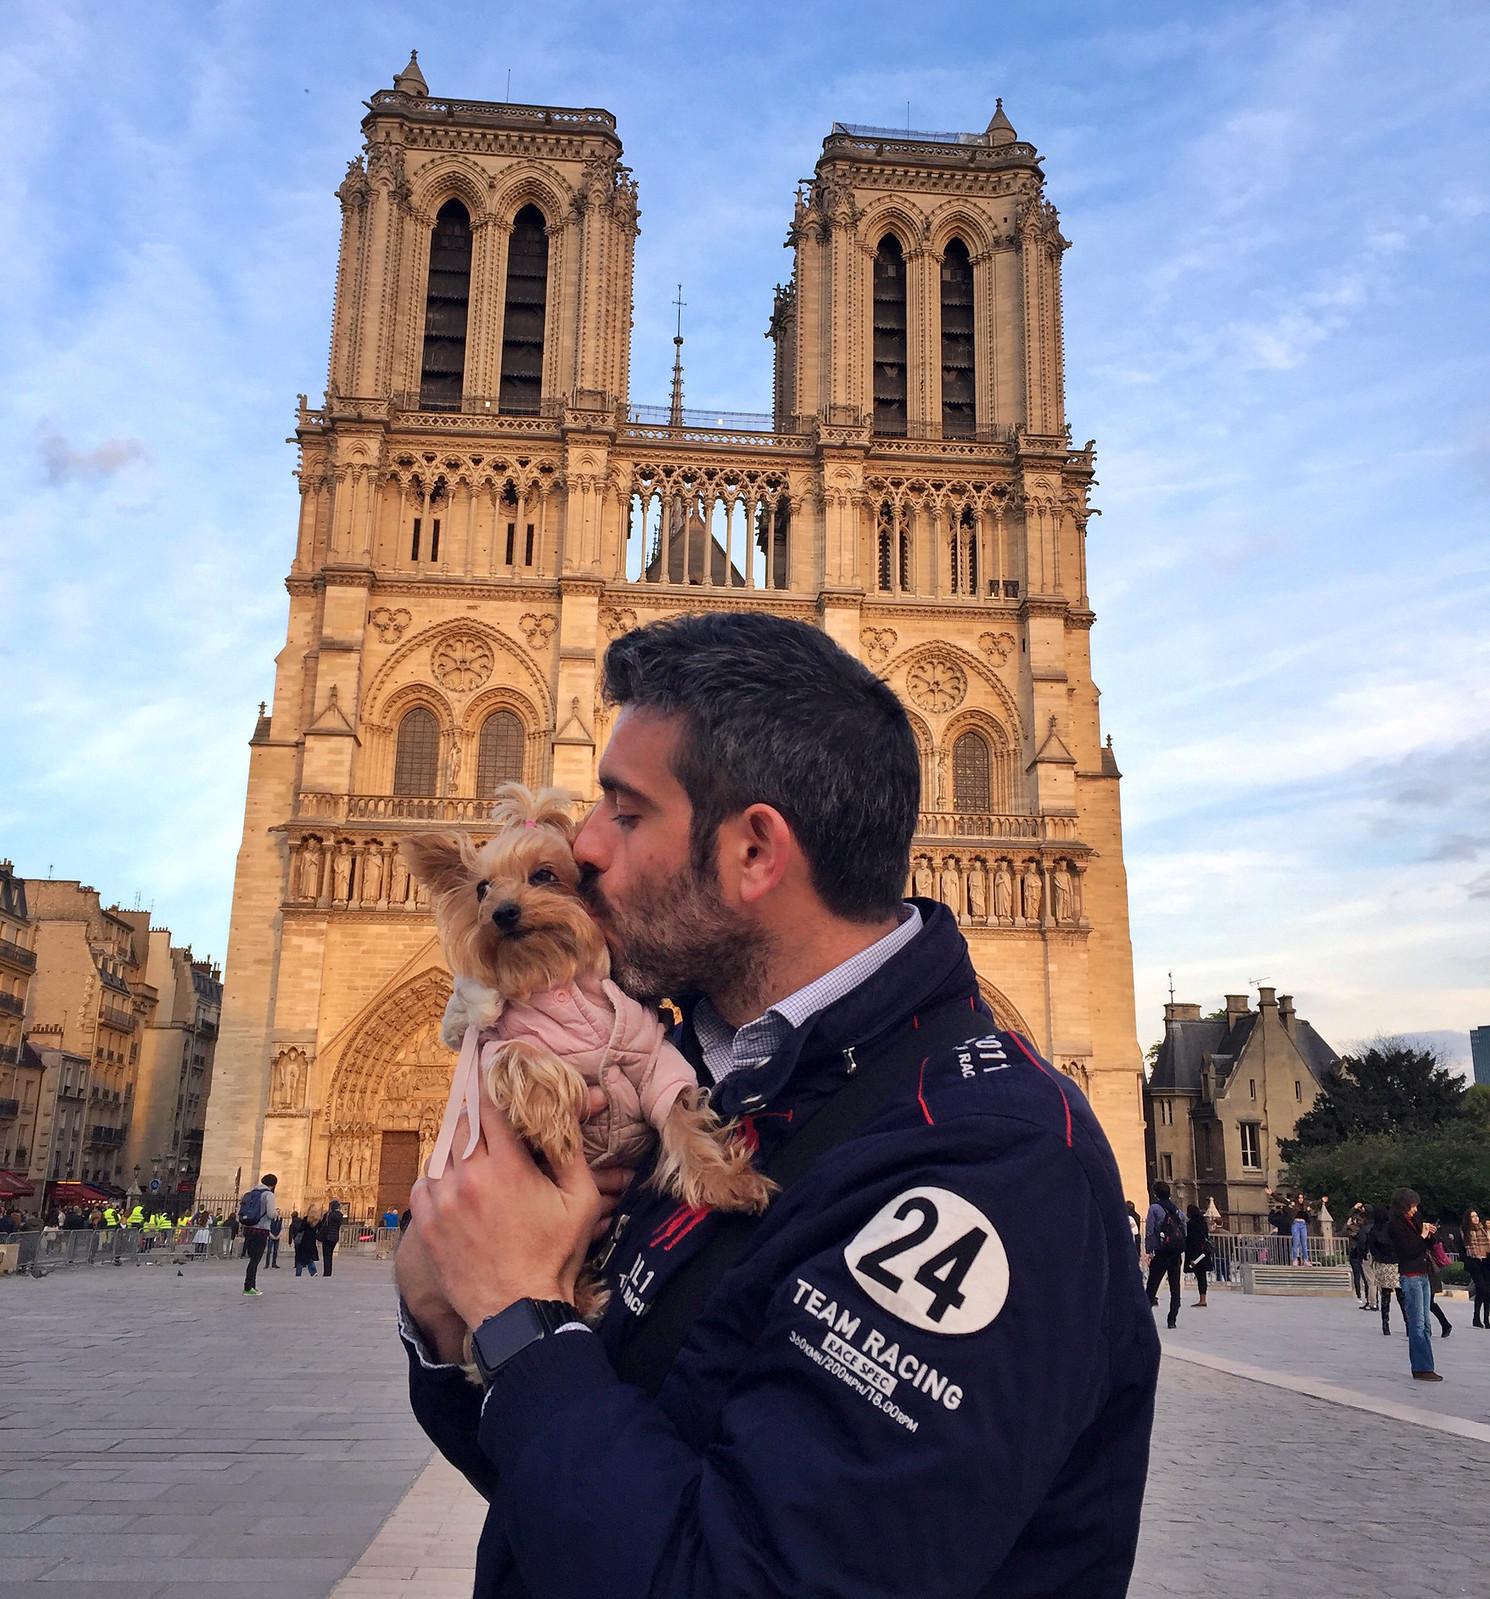 Viajar a Paris con Perro - Travel to Paris with dog viajar a paris con perro - 34560003436 24211fec2c h - Viajar a Paris con perro